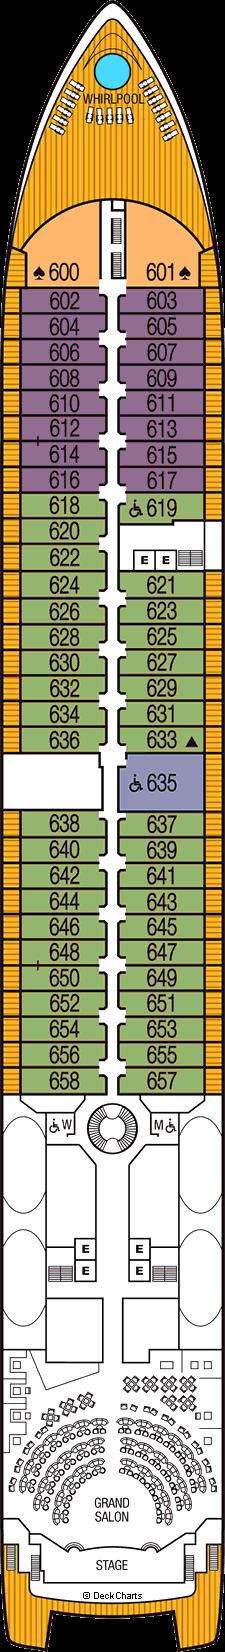 Seabourn Odyssey: Deck 6